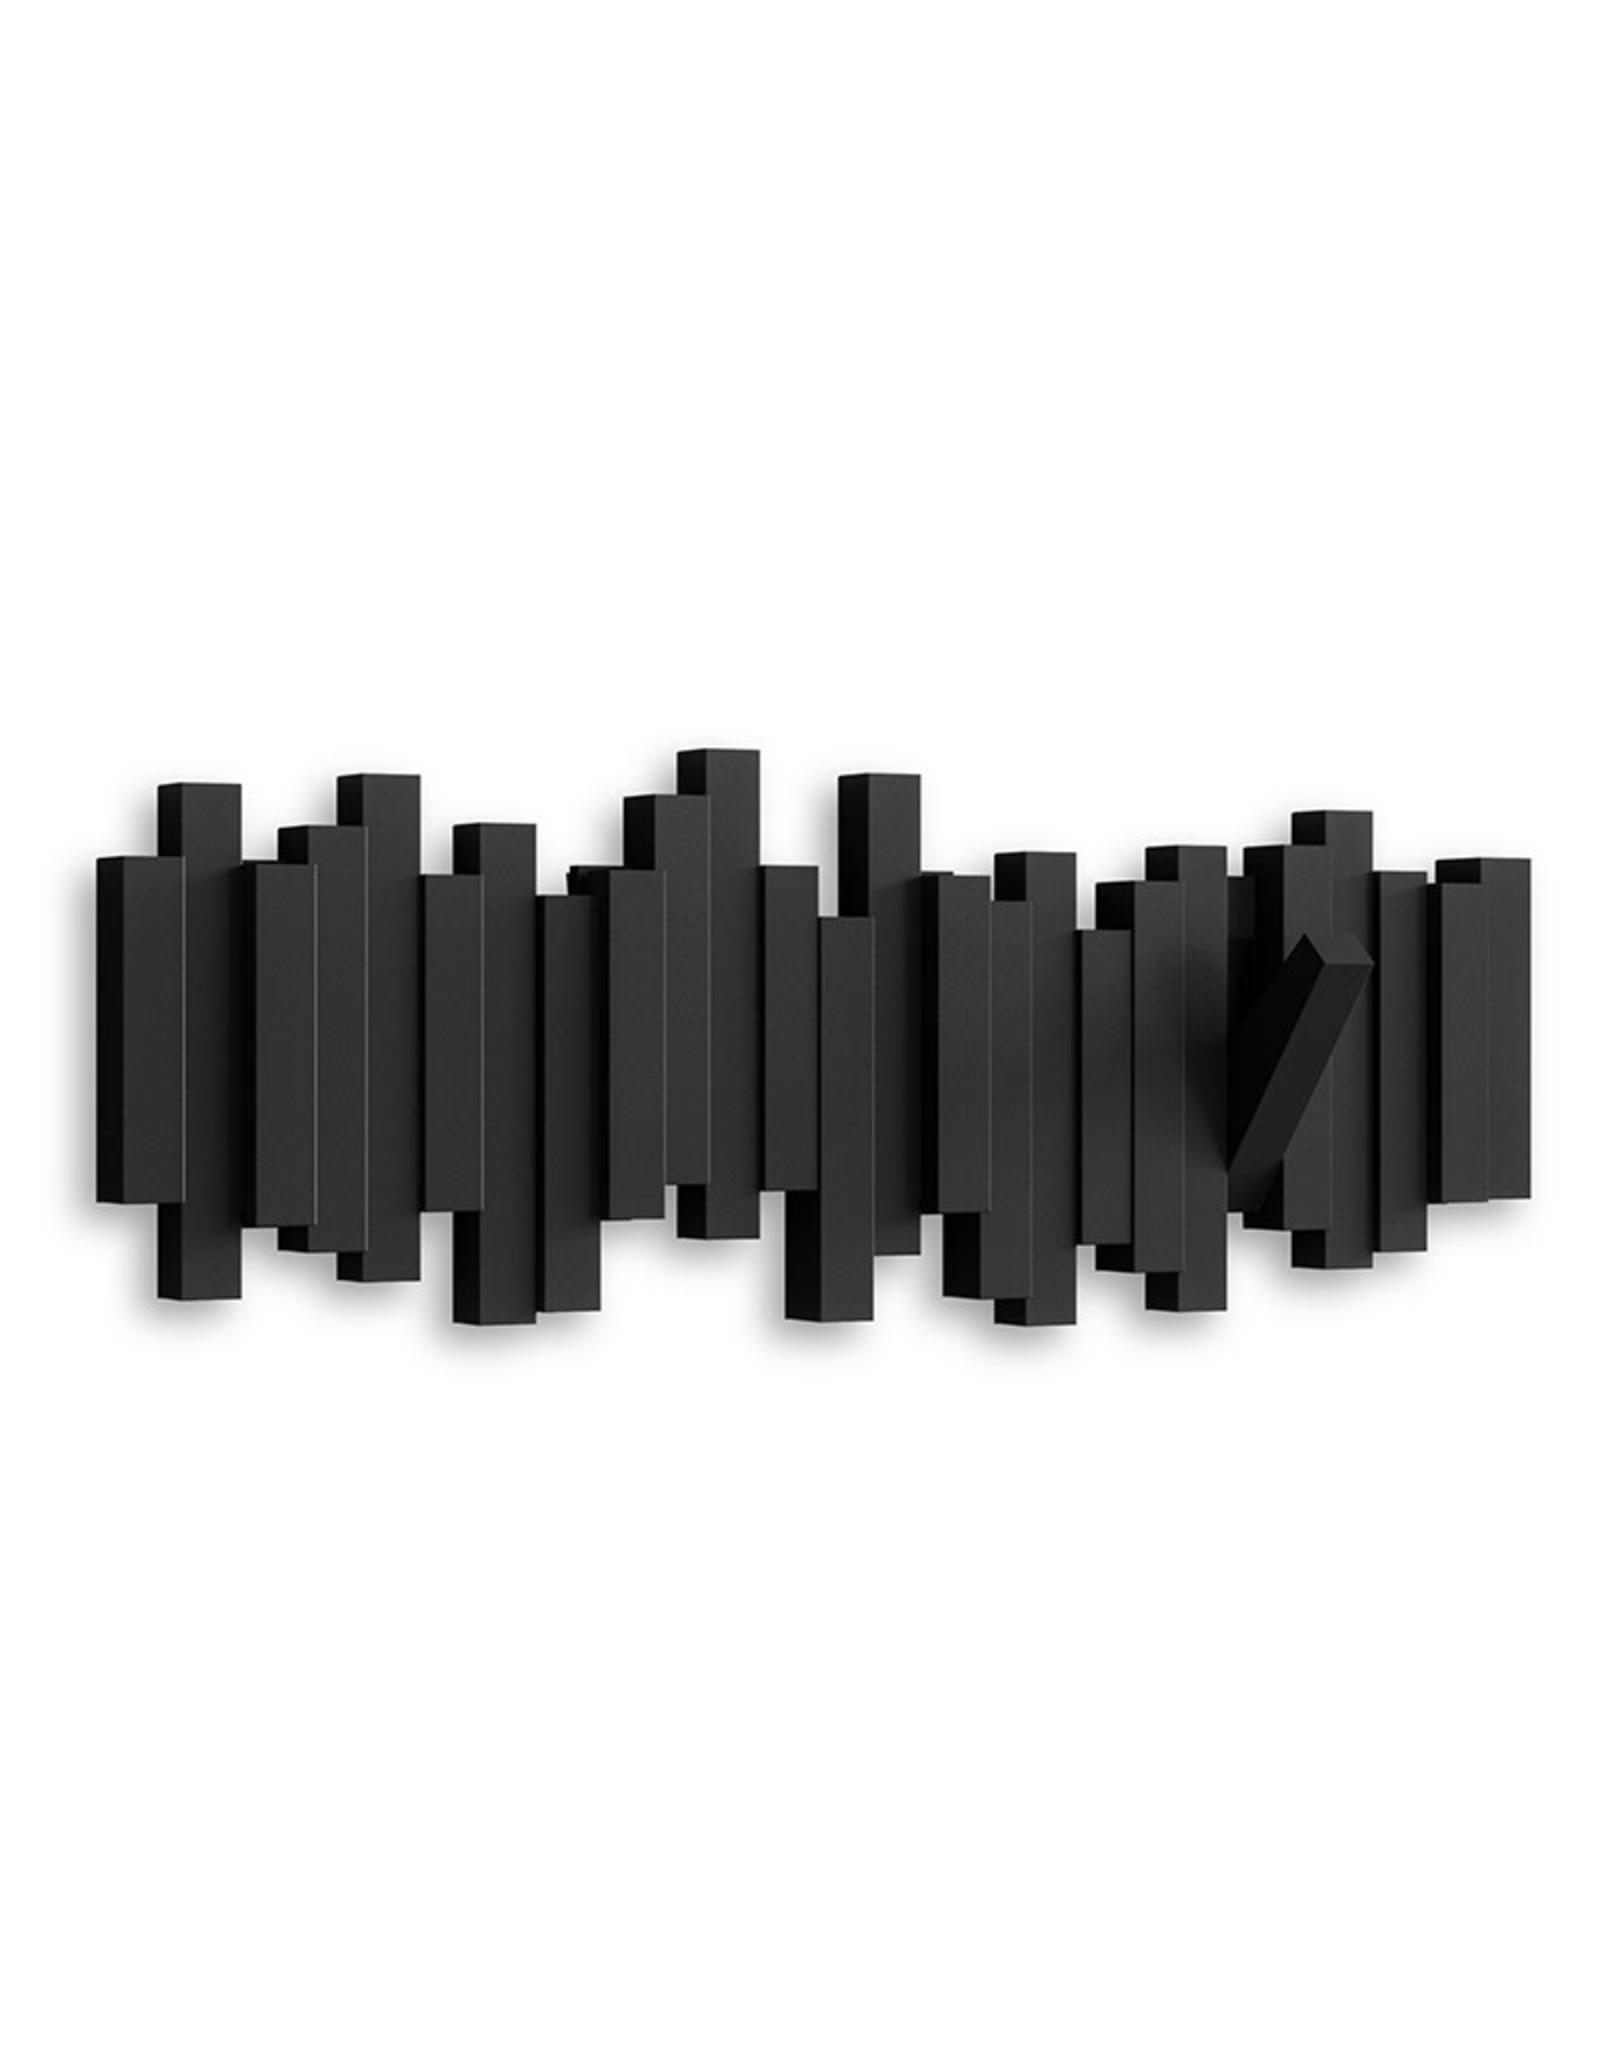 UMBRA UMBRA Sticks Multi Hook Black